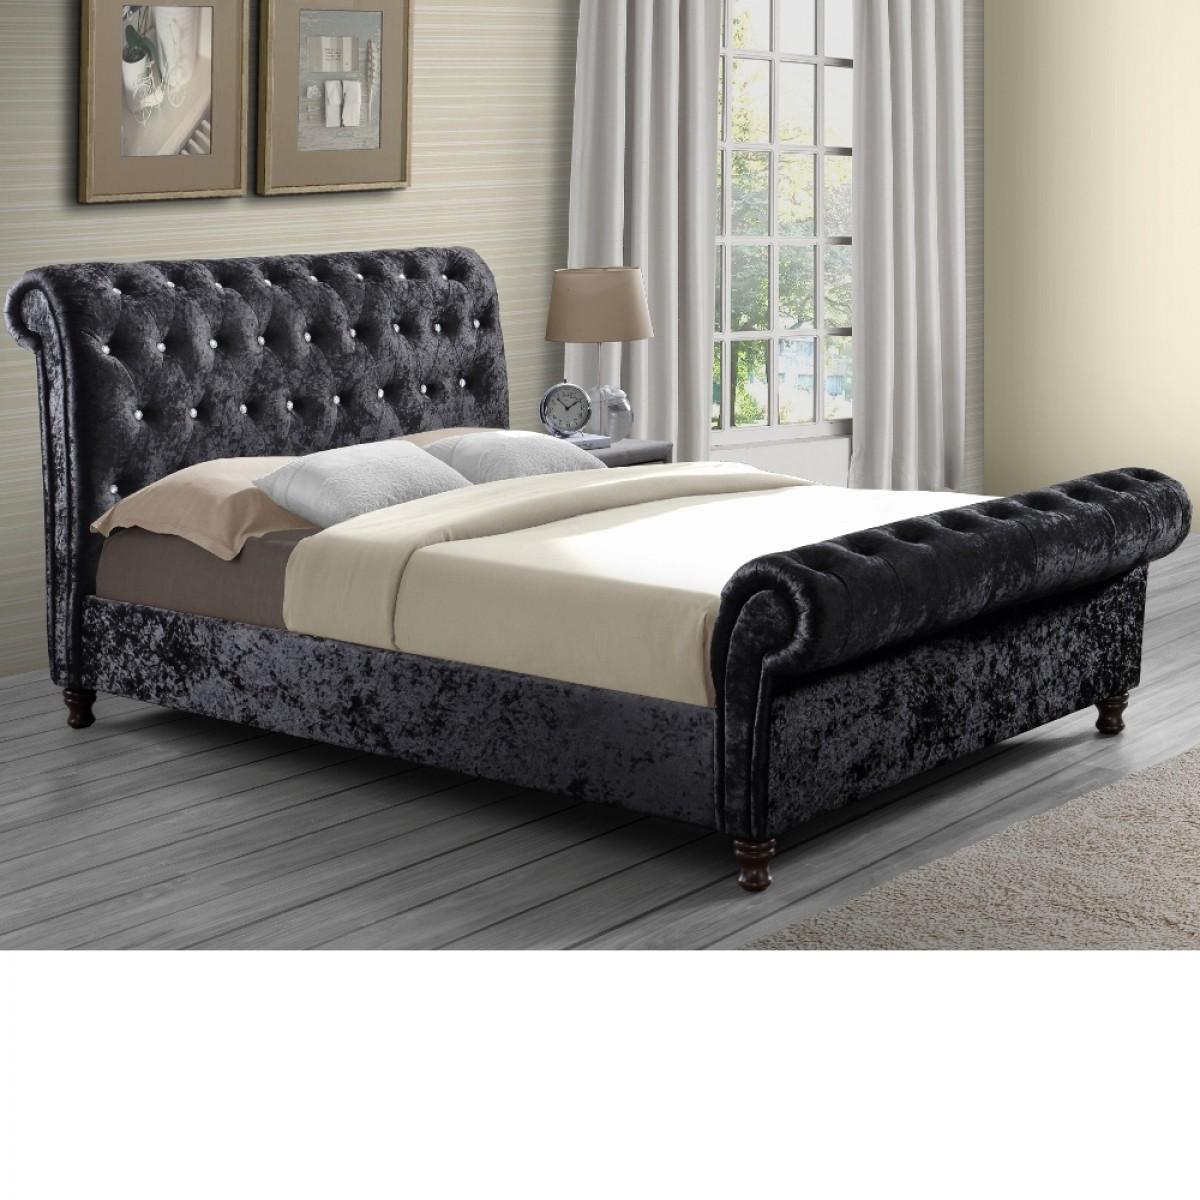 Bordeaux Black Velvet Fabric Scroll Sleigh Bed